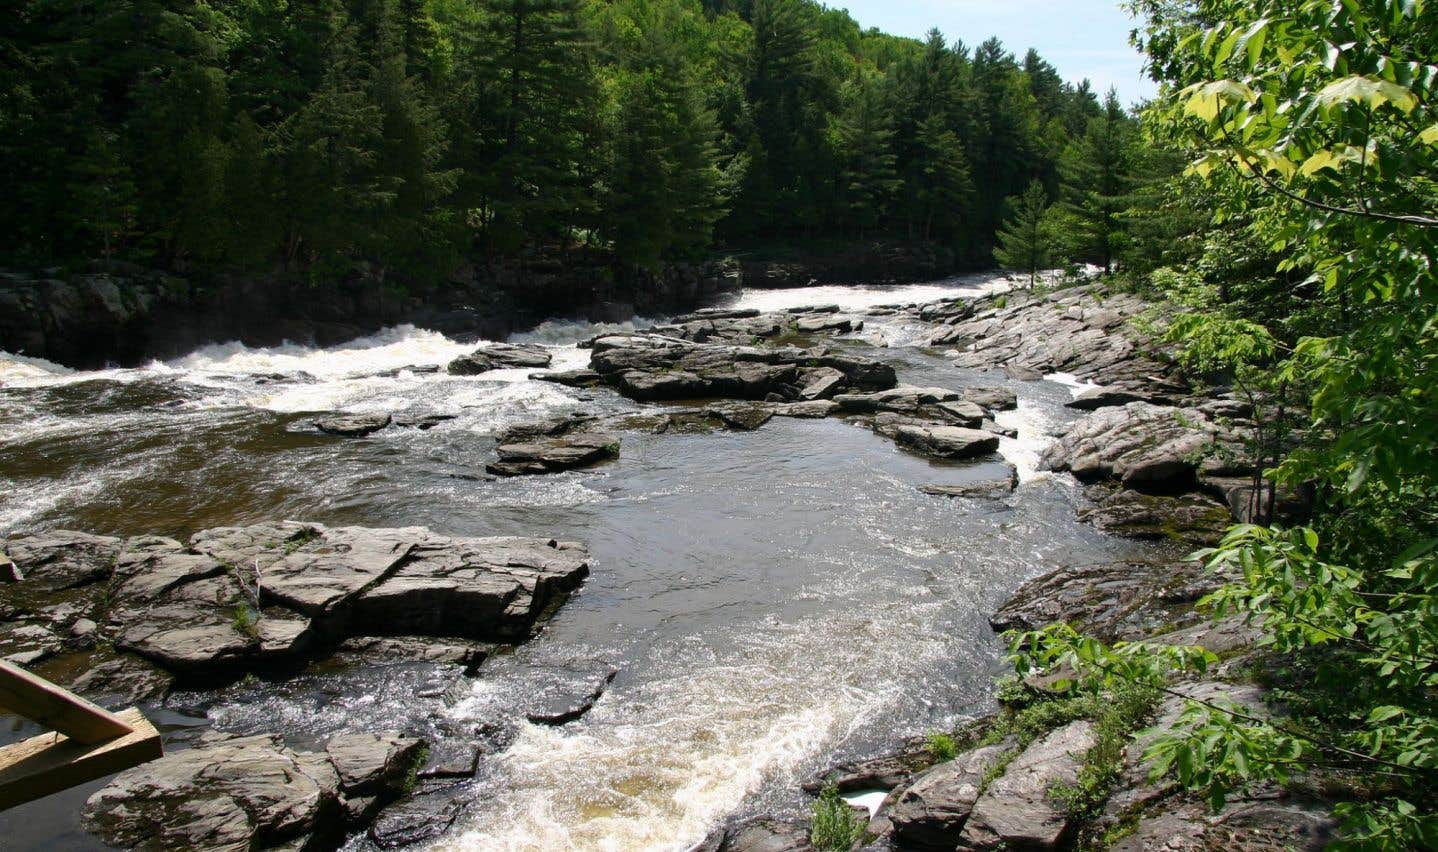 Parmi les études environnementales toujours manquantes, on retrouve celle portant sur les risques associés aux traverses de cours d'eau par des pipelines.